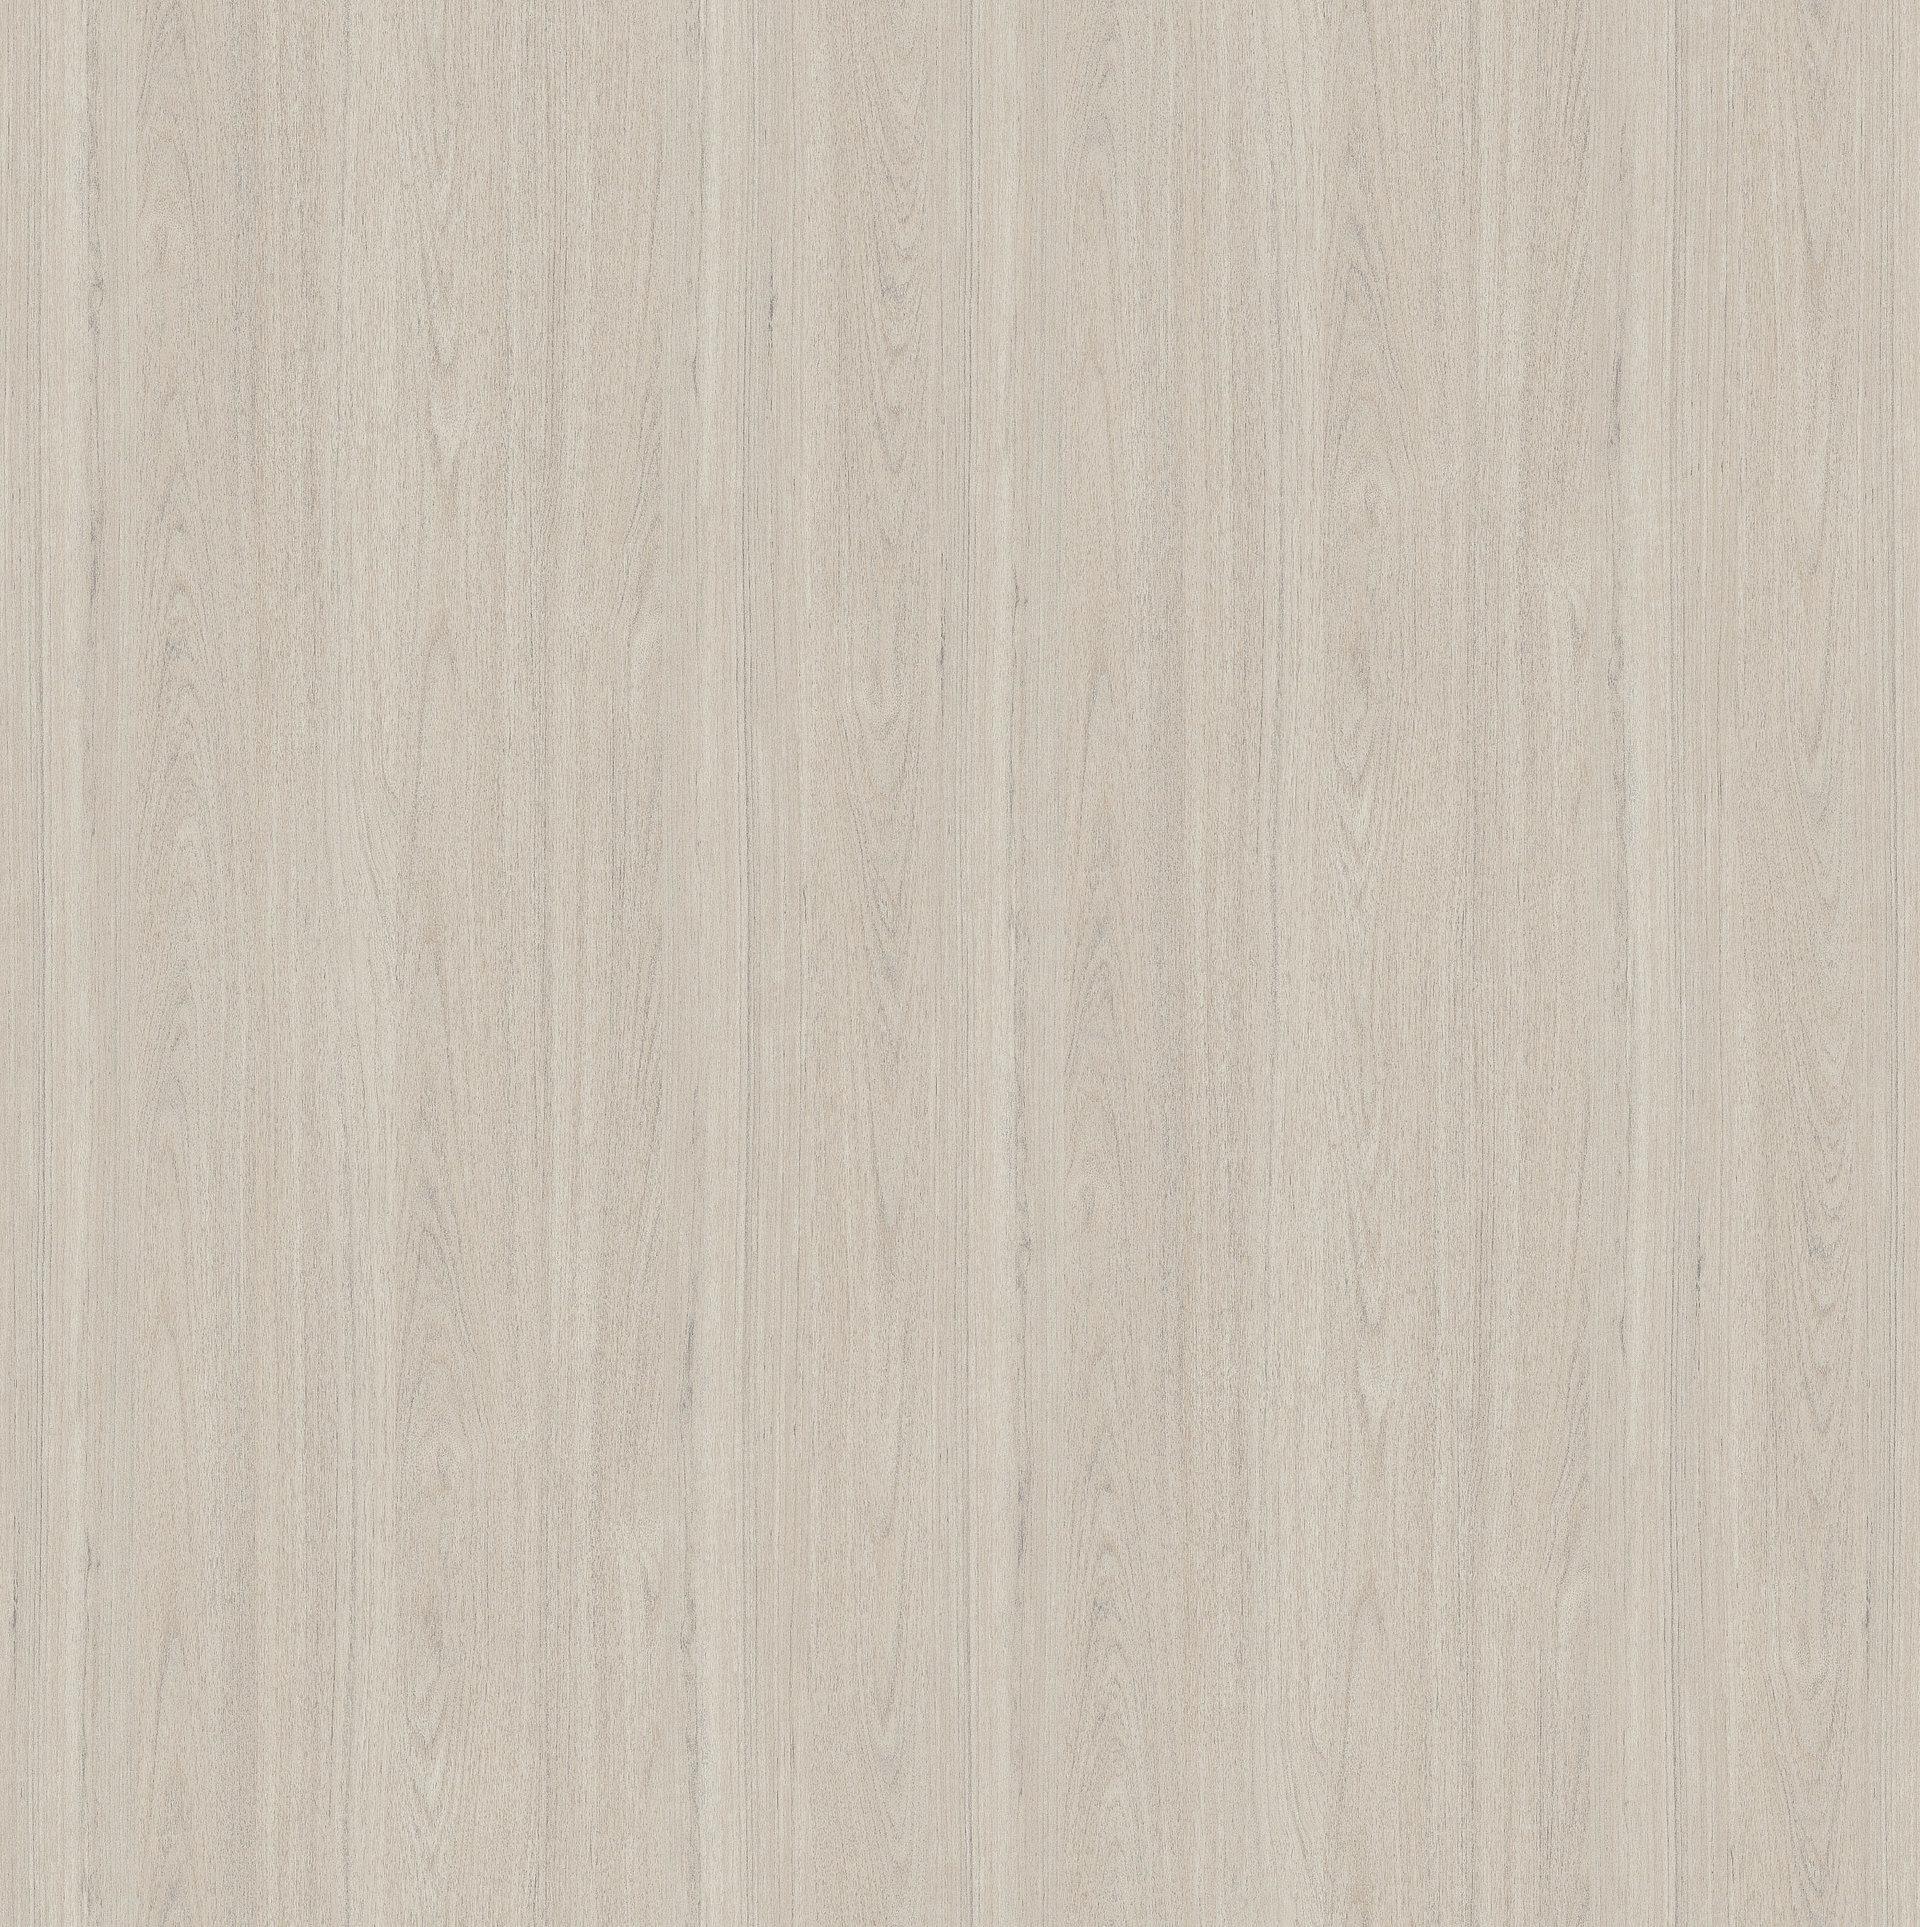 Biurko PRIMUS PB51/53/55 lewe - dąb mleczny